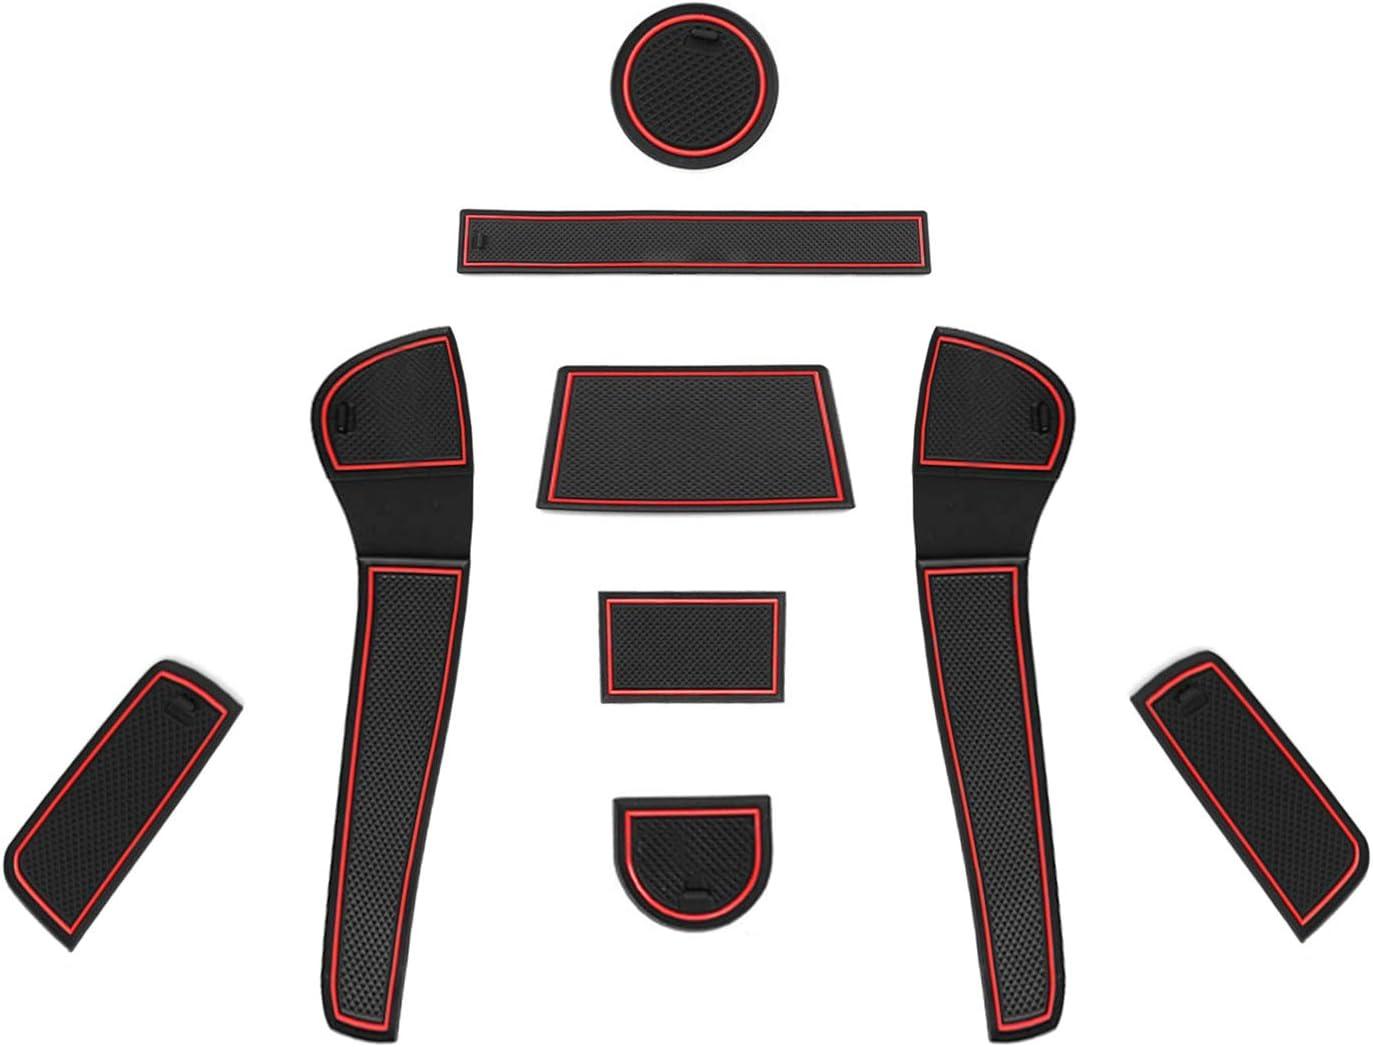 Coupe Porte Int/érieure Tasse Bo/îte de Bras Tapis de Stockage Accessoires CDEFG pour Seat Ateca SUV Auto Tapis Anti-poussi/ère Antid/érapante